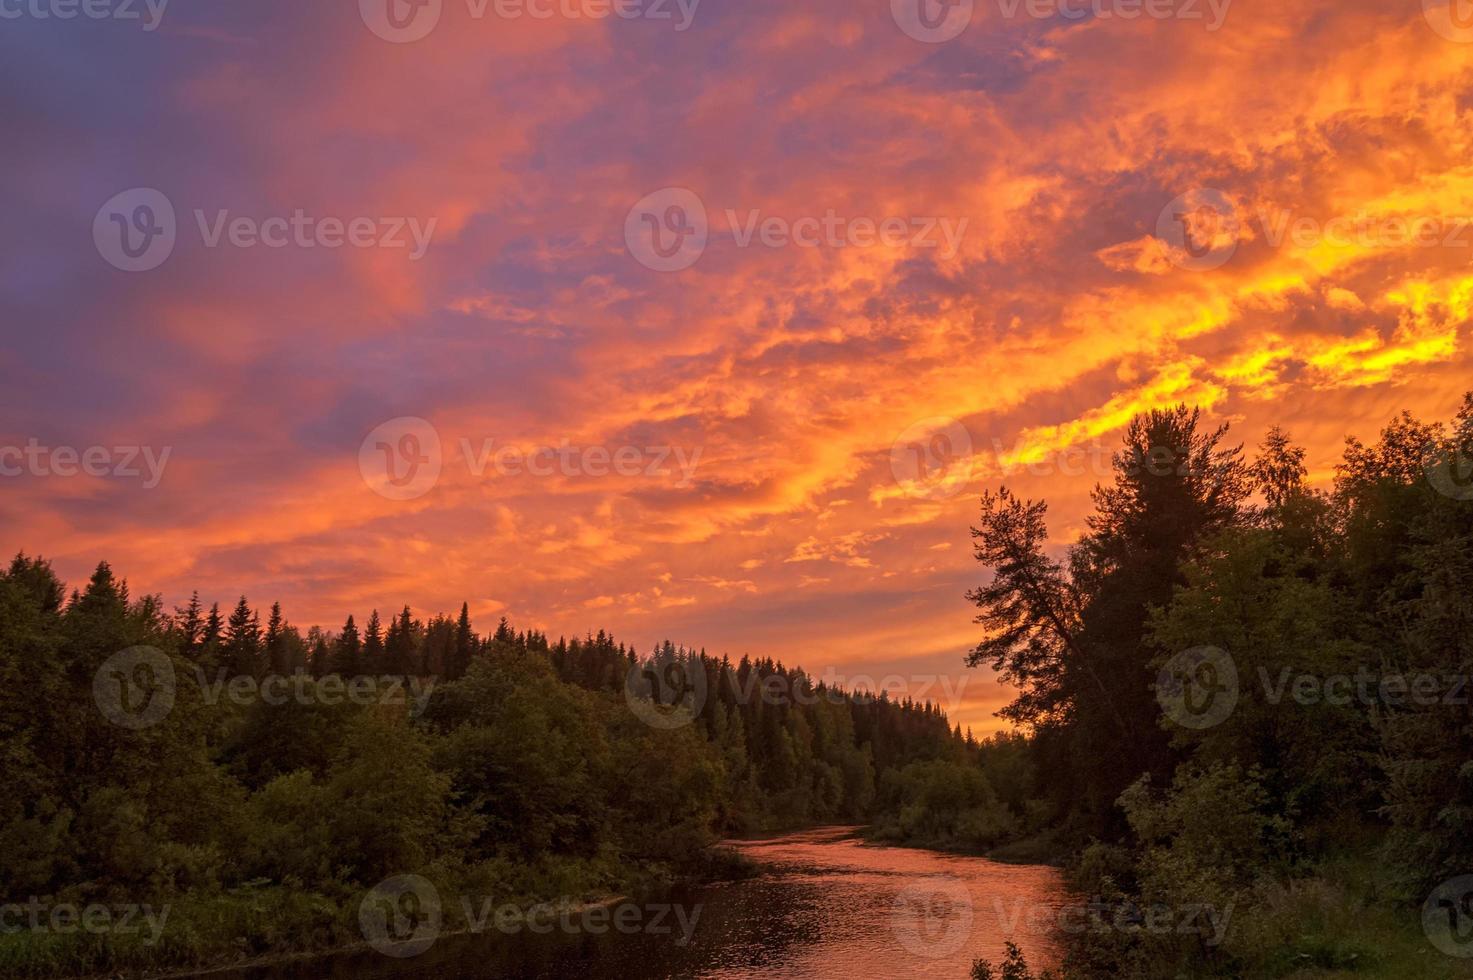 brillante espectacular puesta de sol sobre el río con bosque a lo largo de la orilla del río foto